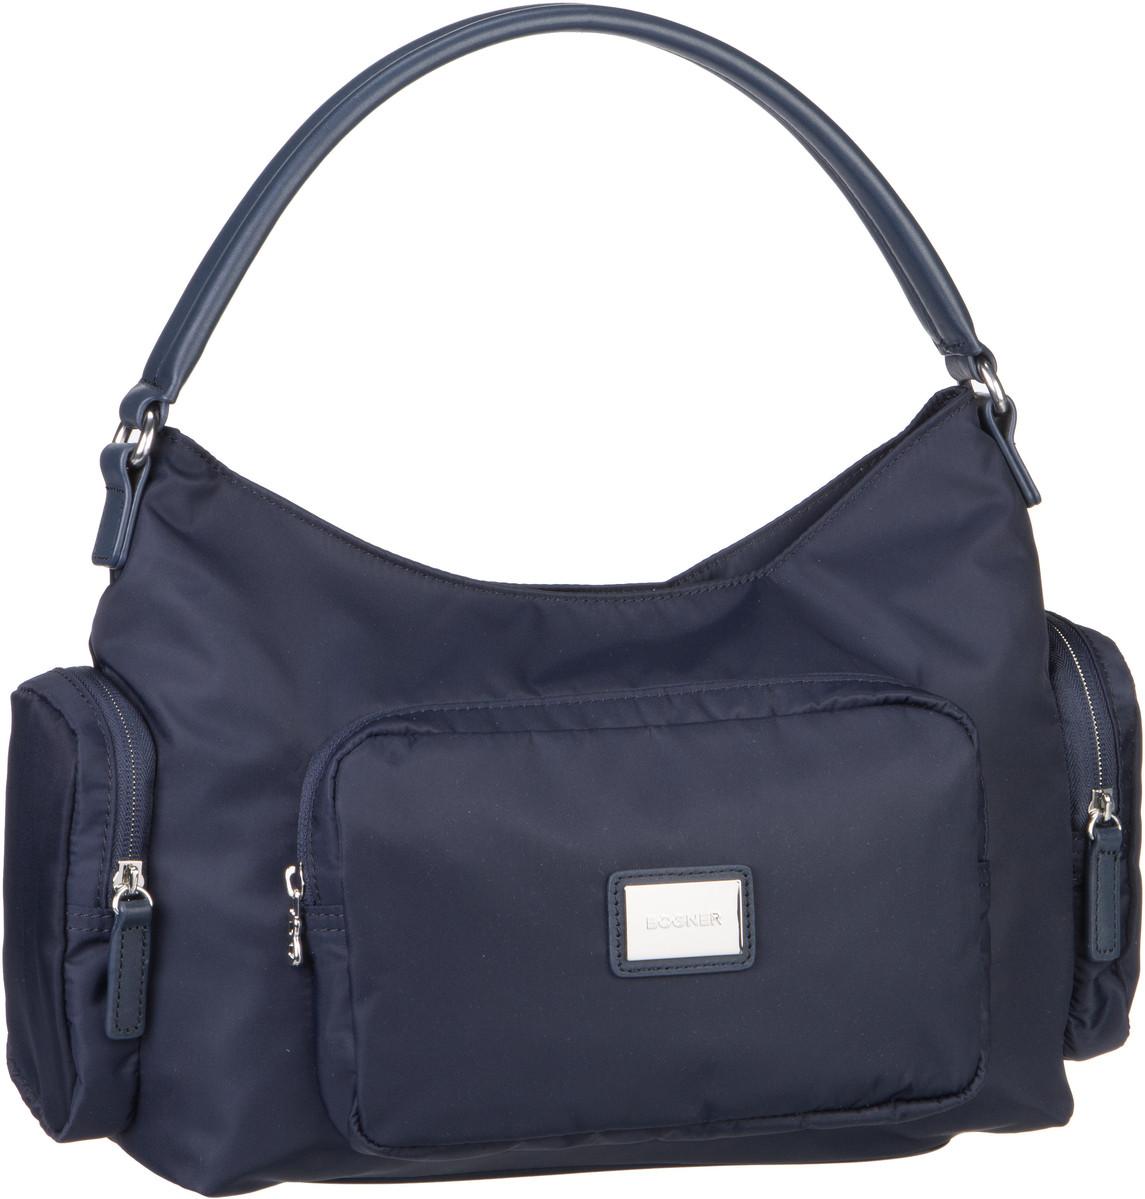 Handtaschen für Frauen - Bogner Aurum Anna Navy Handtasche  - Onlineshop Taschenkaufhaus